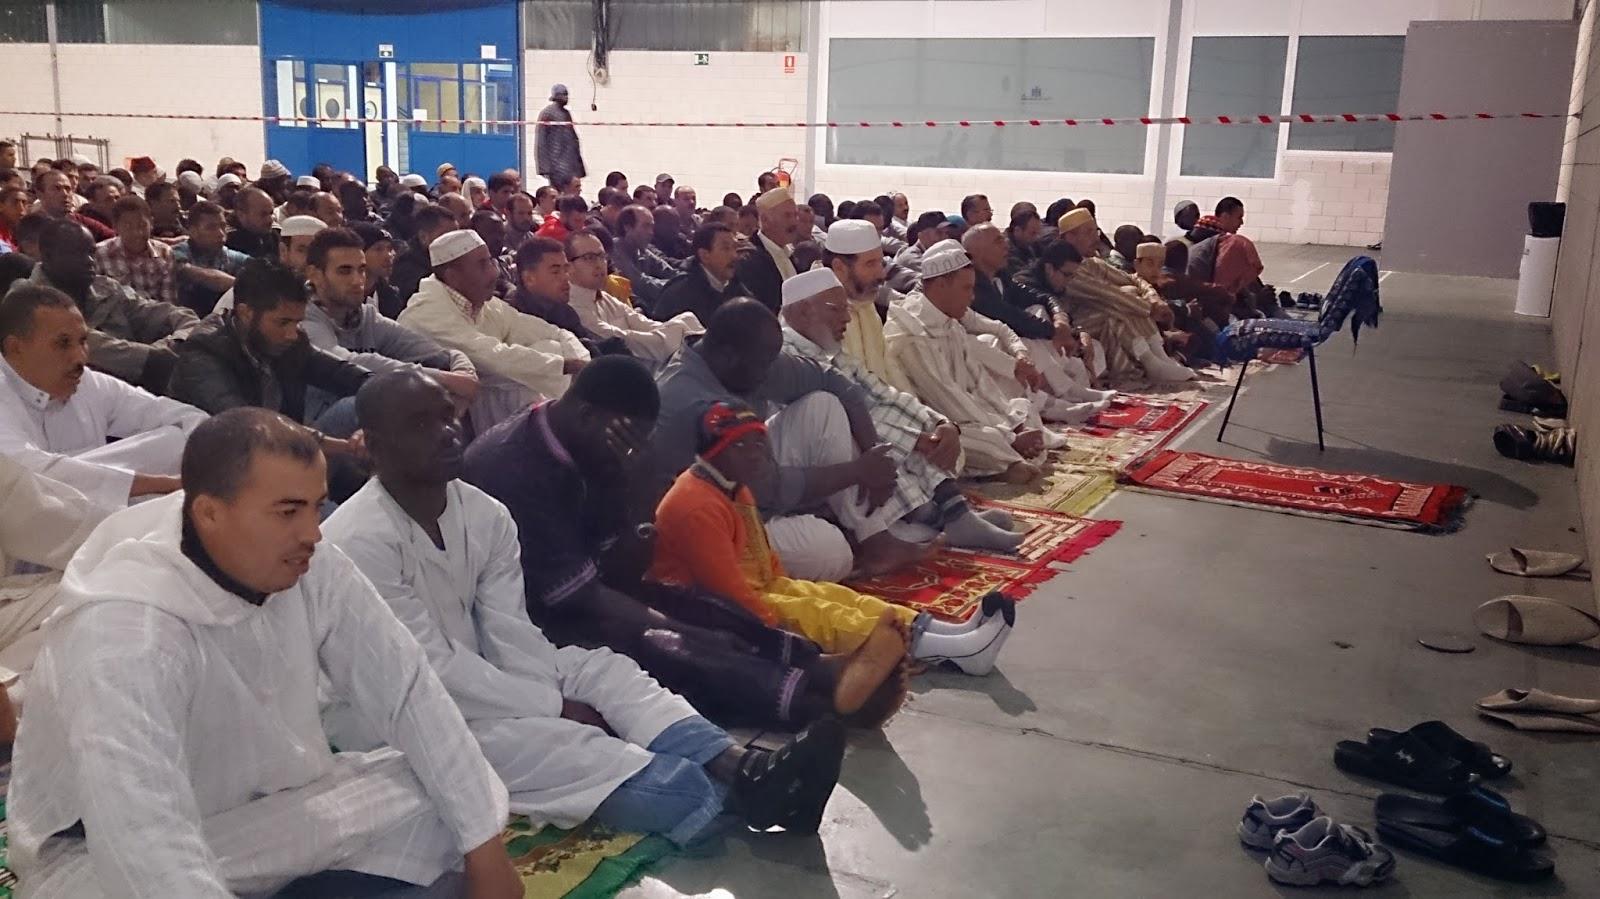 Los musulmanes de Barbasto celebraron la fiesta del Sacrificio en el polideportivo de la ciudad cedido por el ayuntamiento .